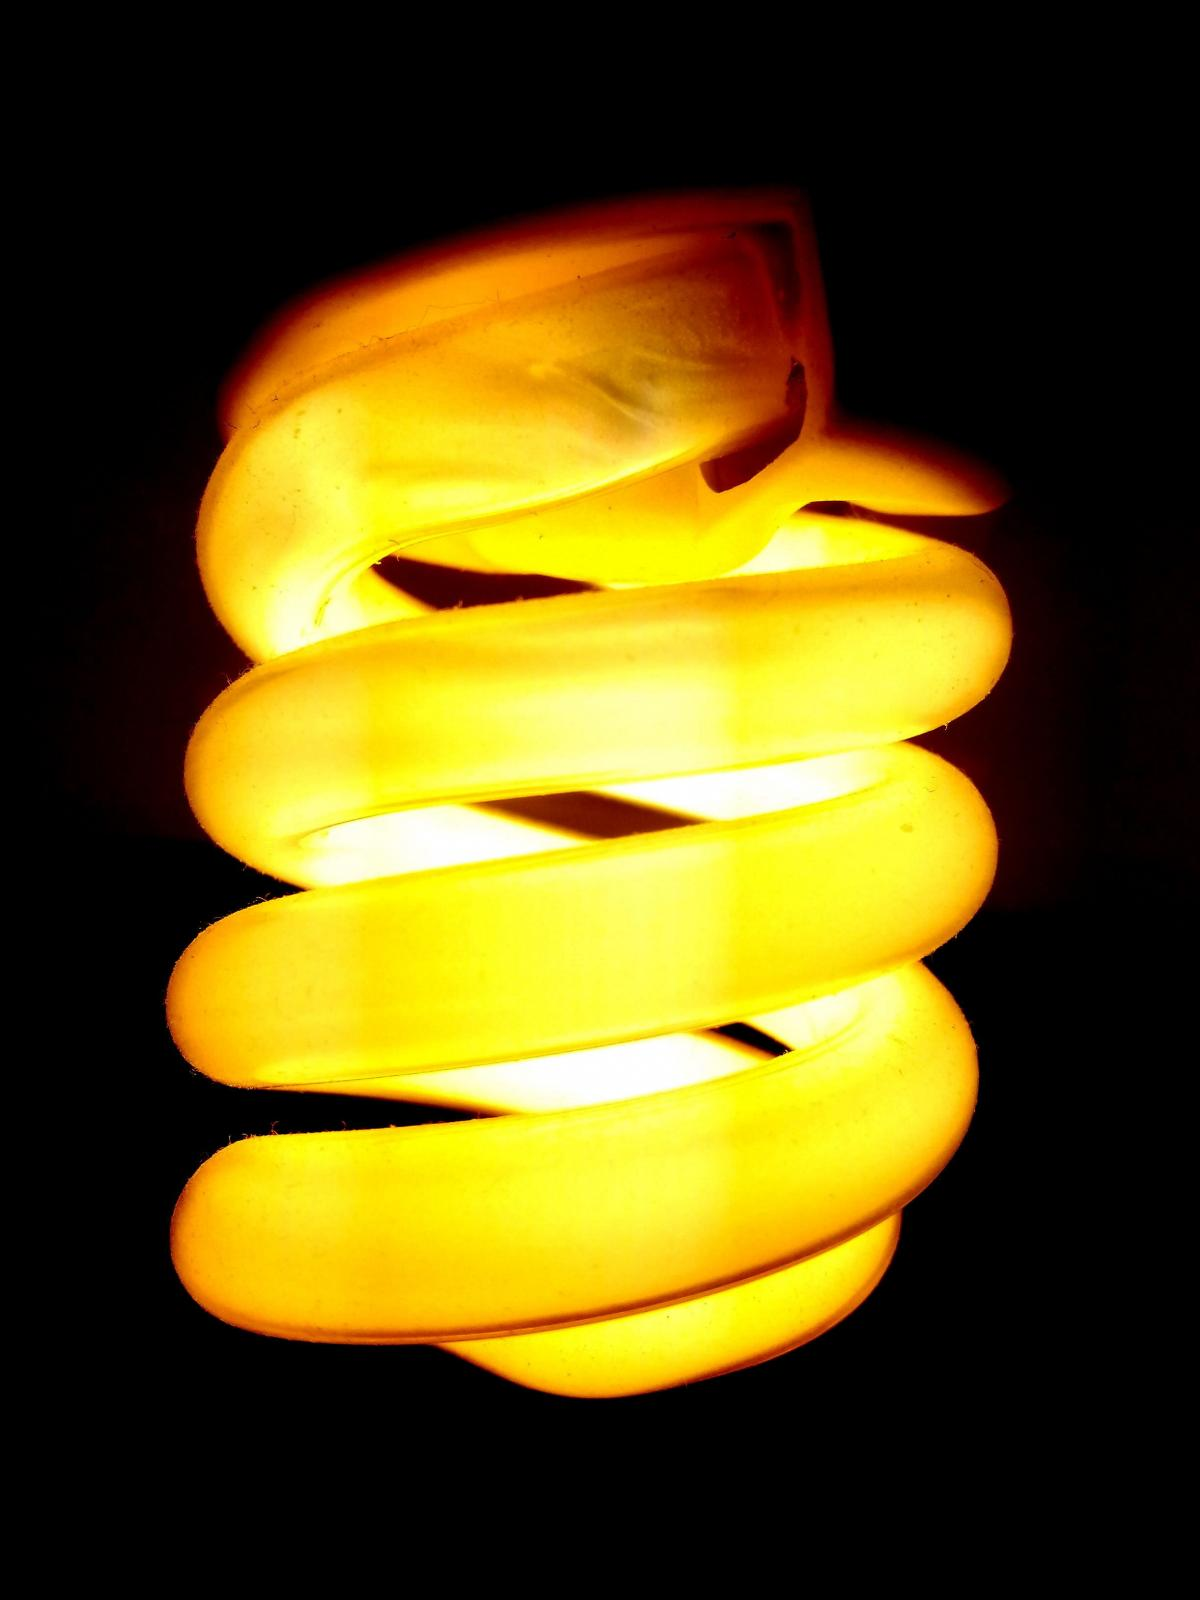 Ampoule lumineuse créative sombre #77112